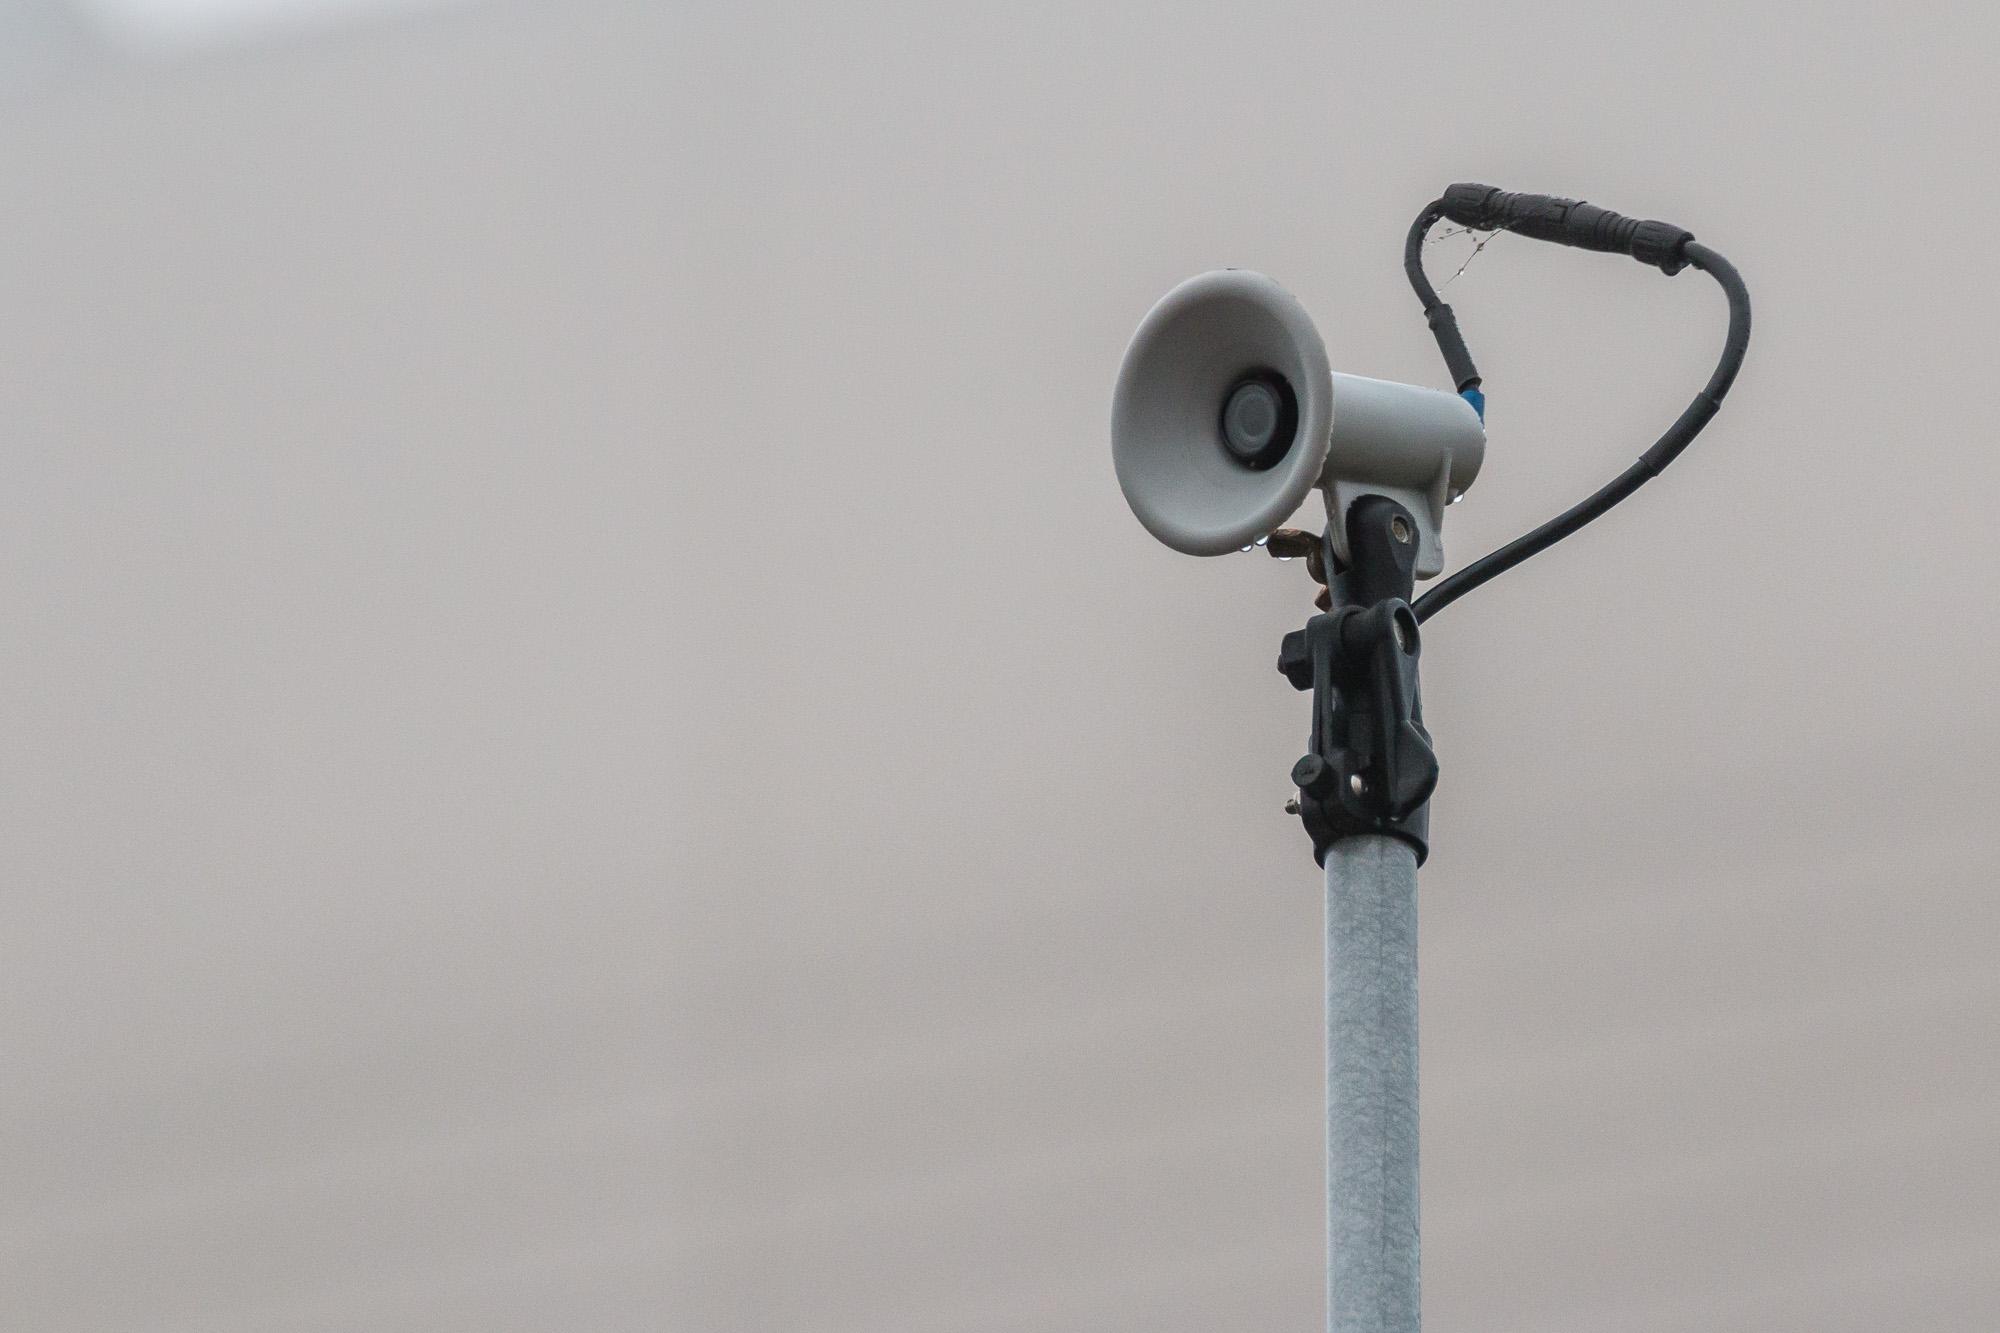 Camera teller